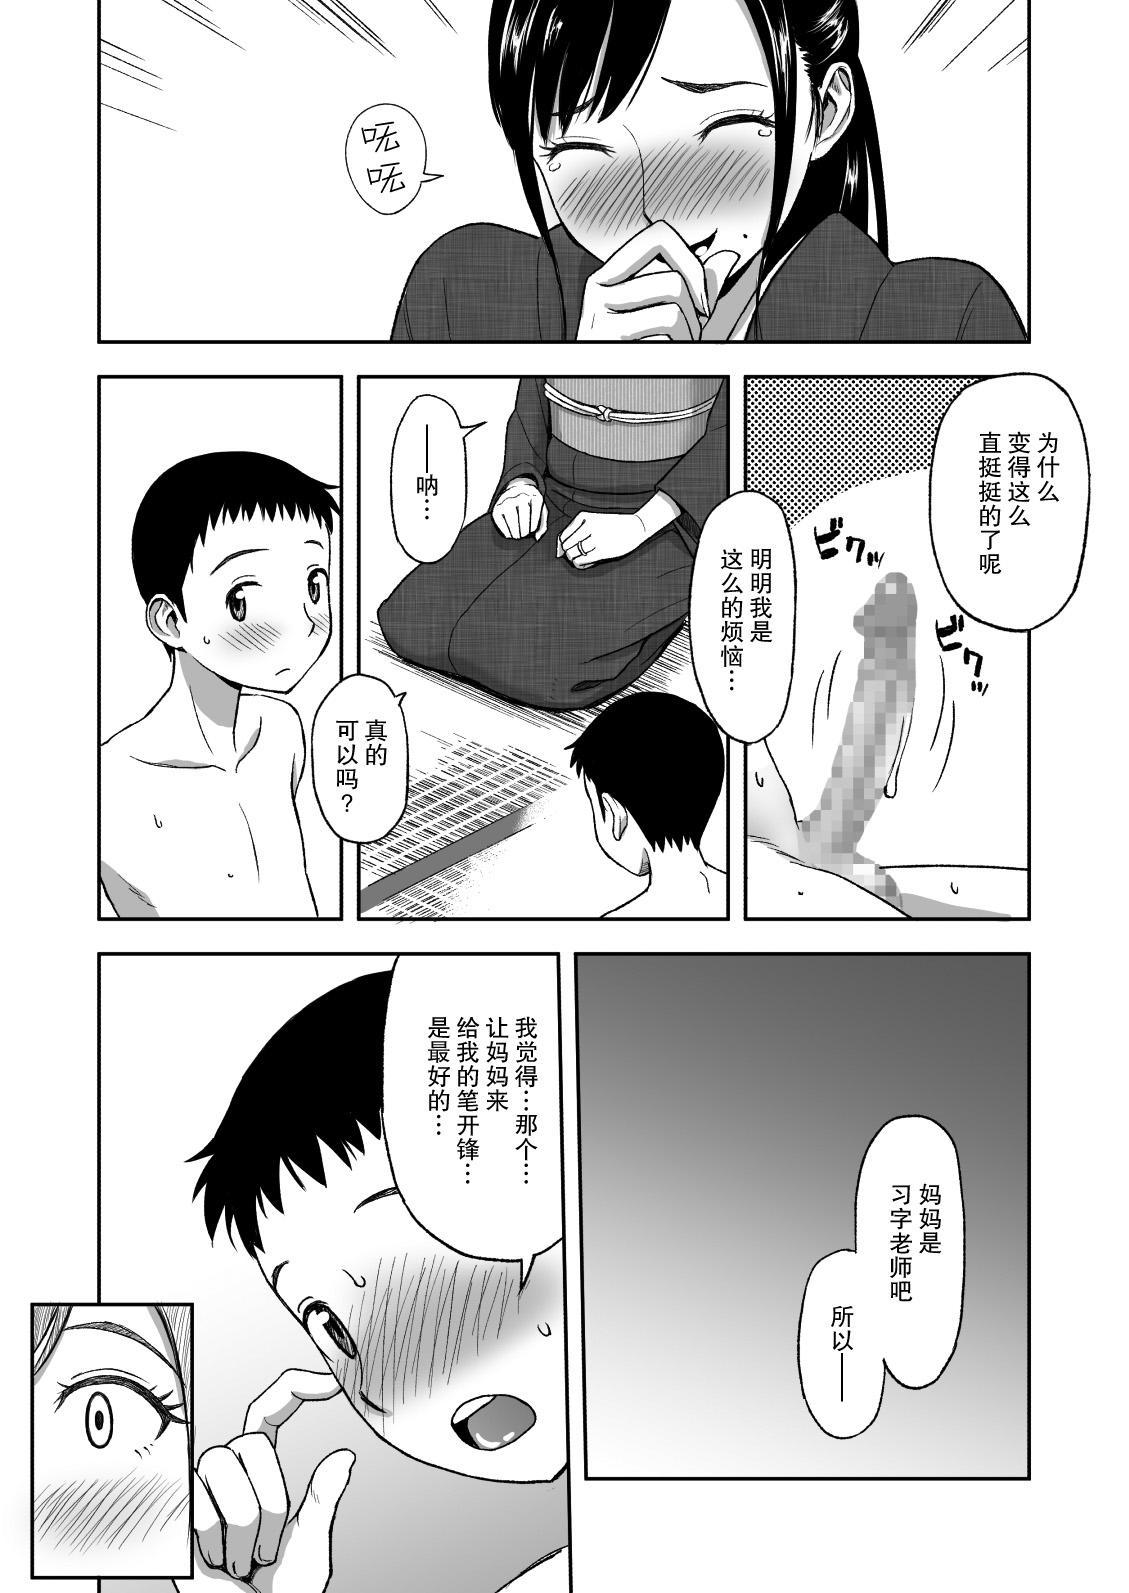 Haha ga Taisetsu ni Shiteiru Fude   妈妈珍爱的笔 20